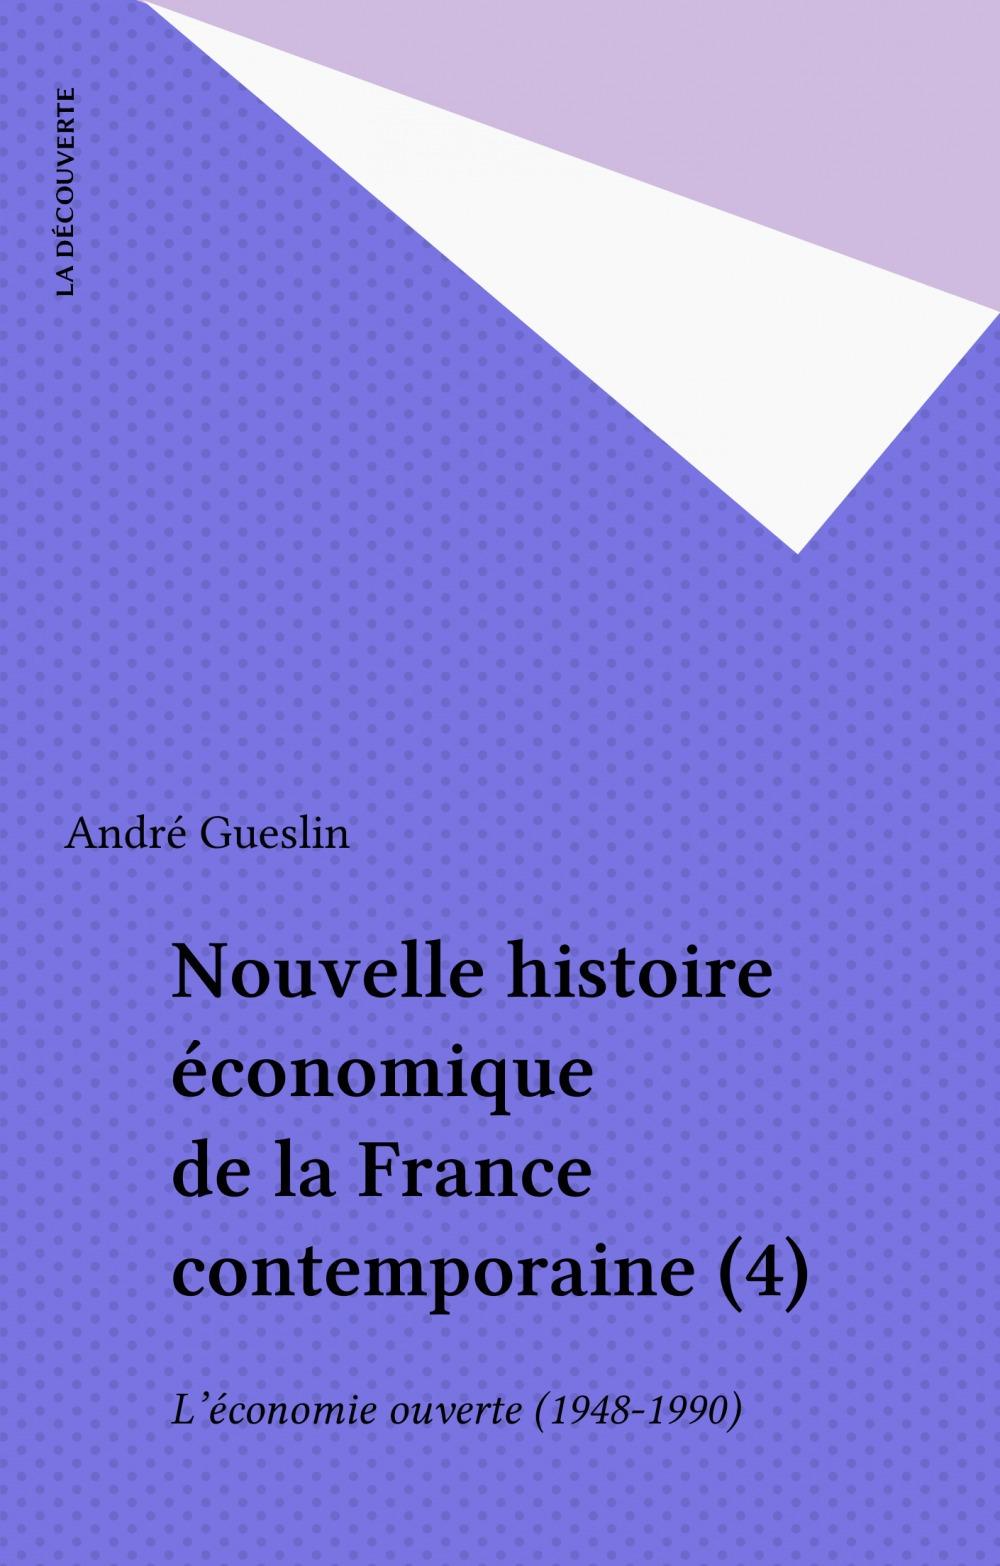 Nouvelle histoire economique de la france contemporaine - vol04